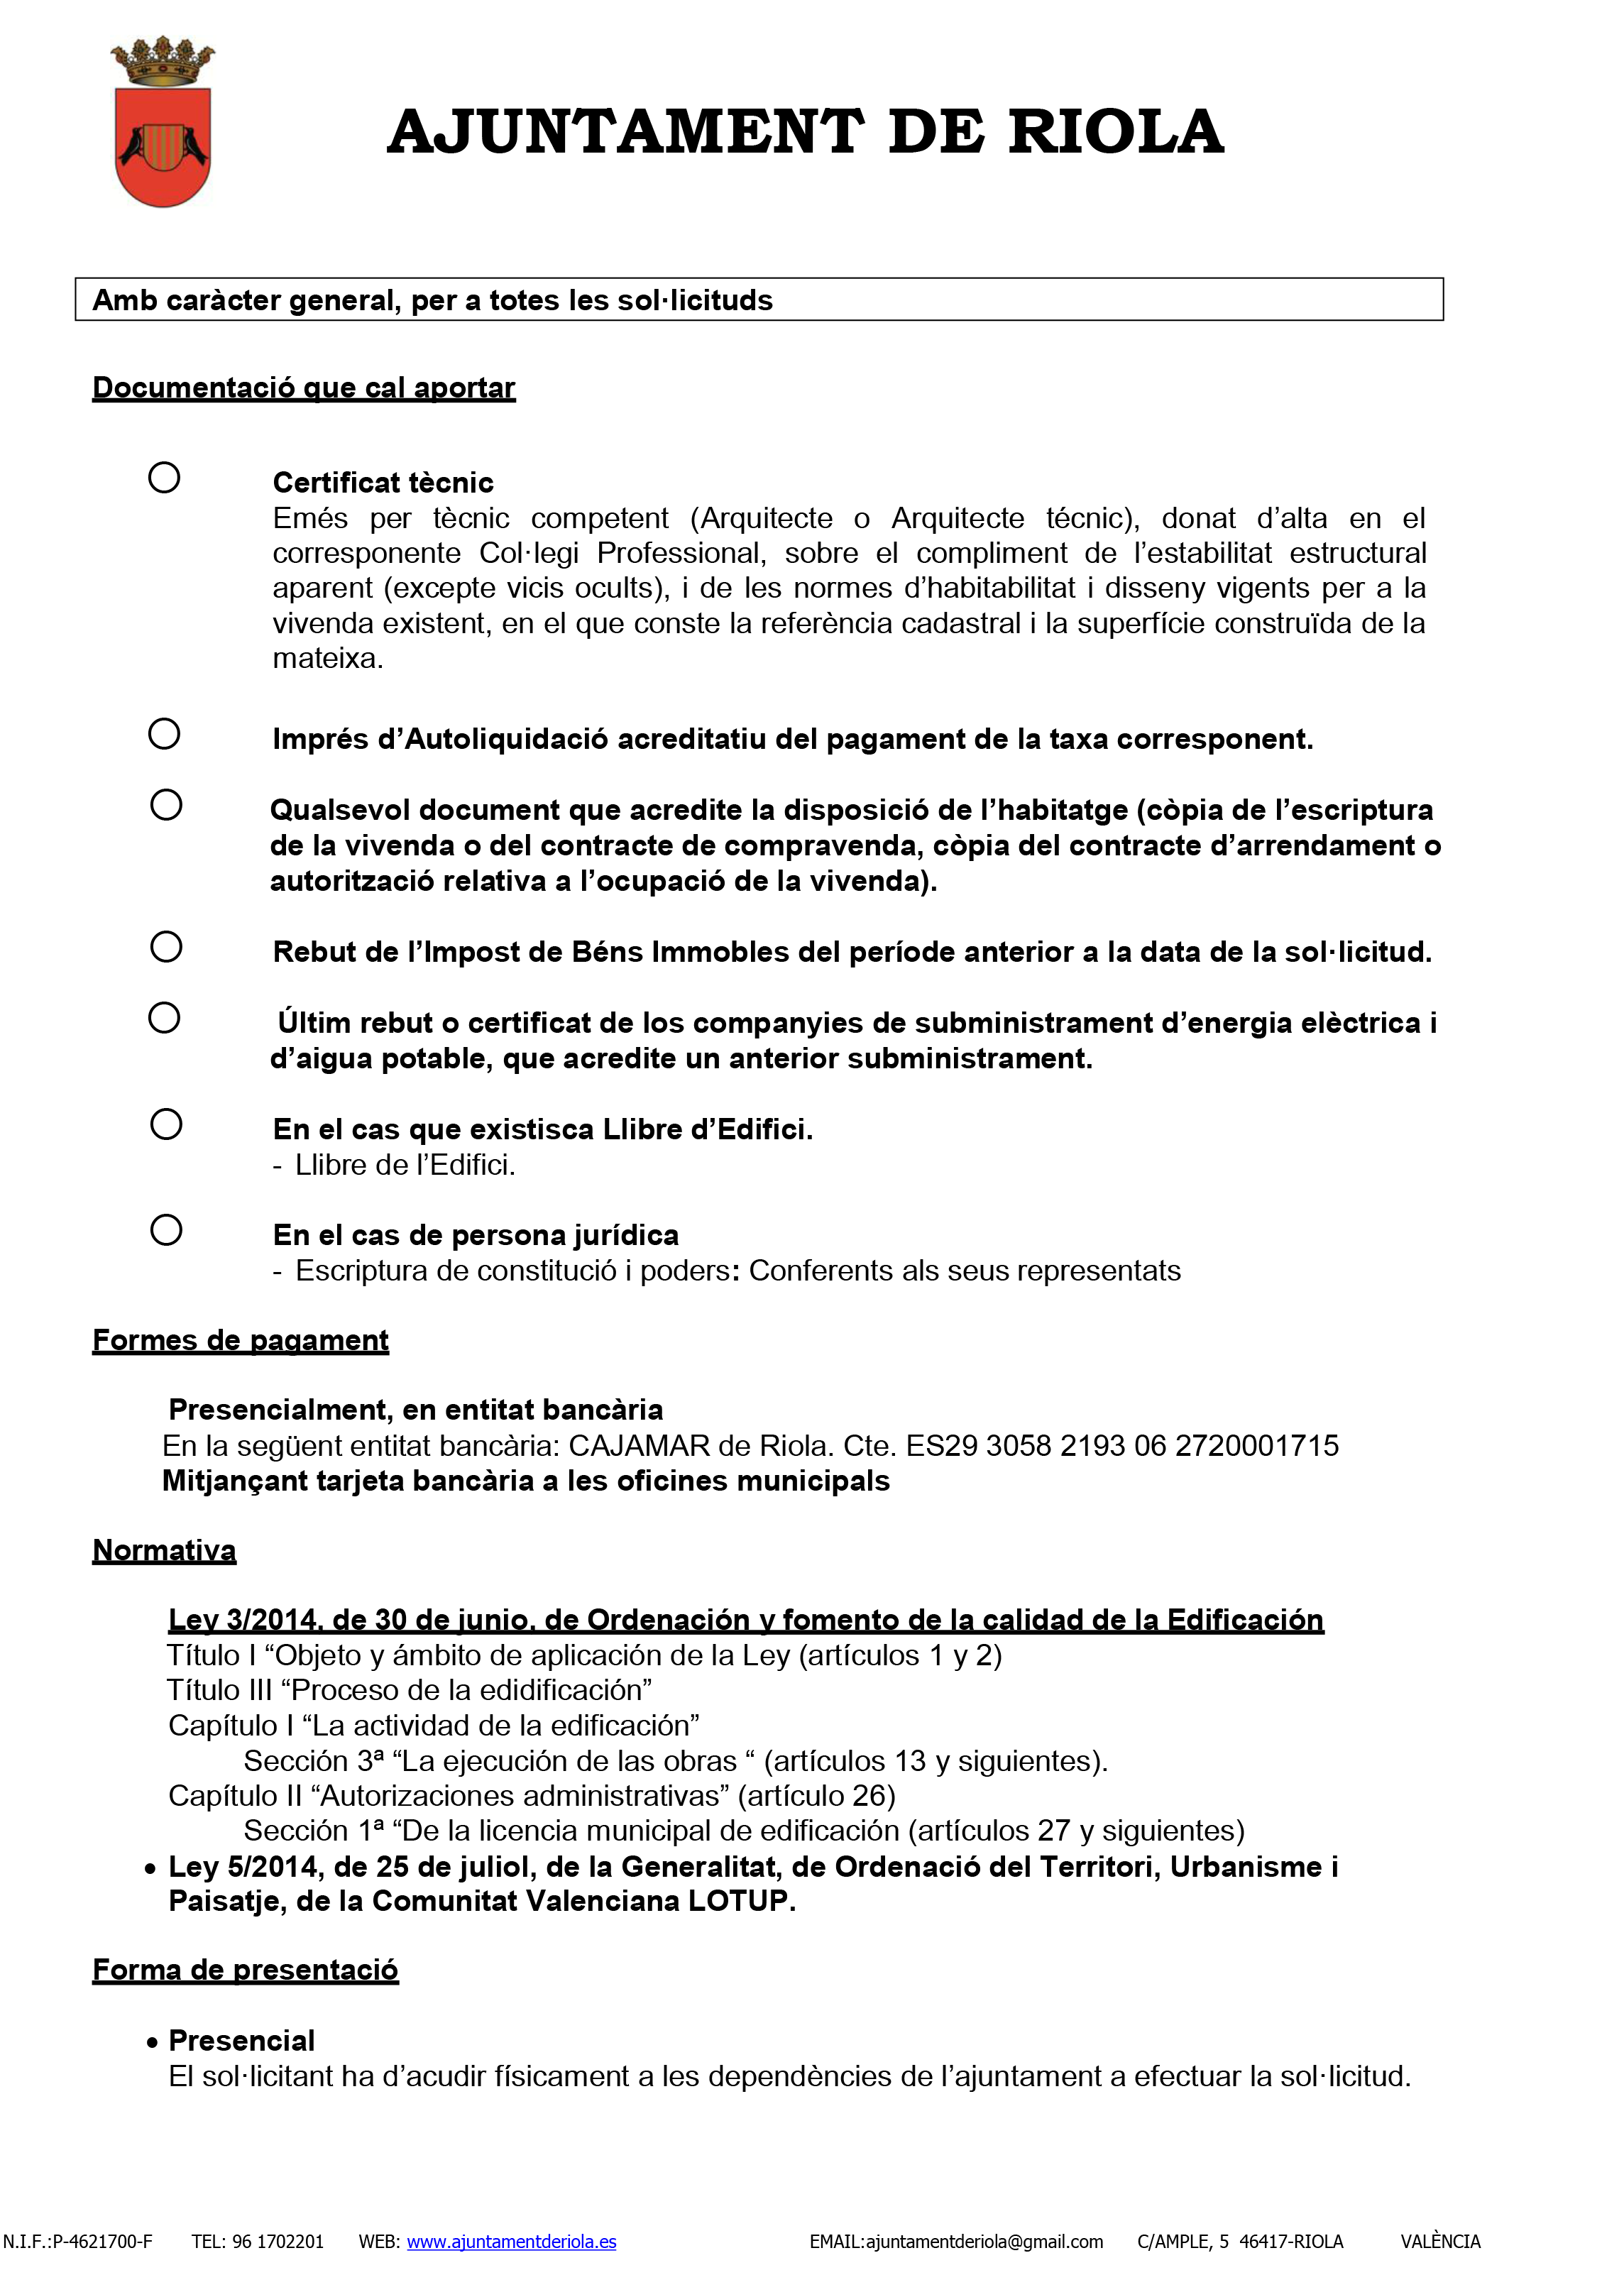 Impreso Declaración Responsable Segunda Ocupación - Riola-3